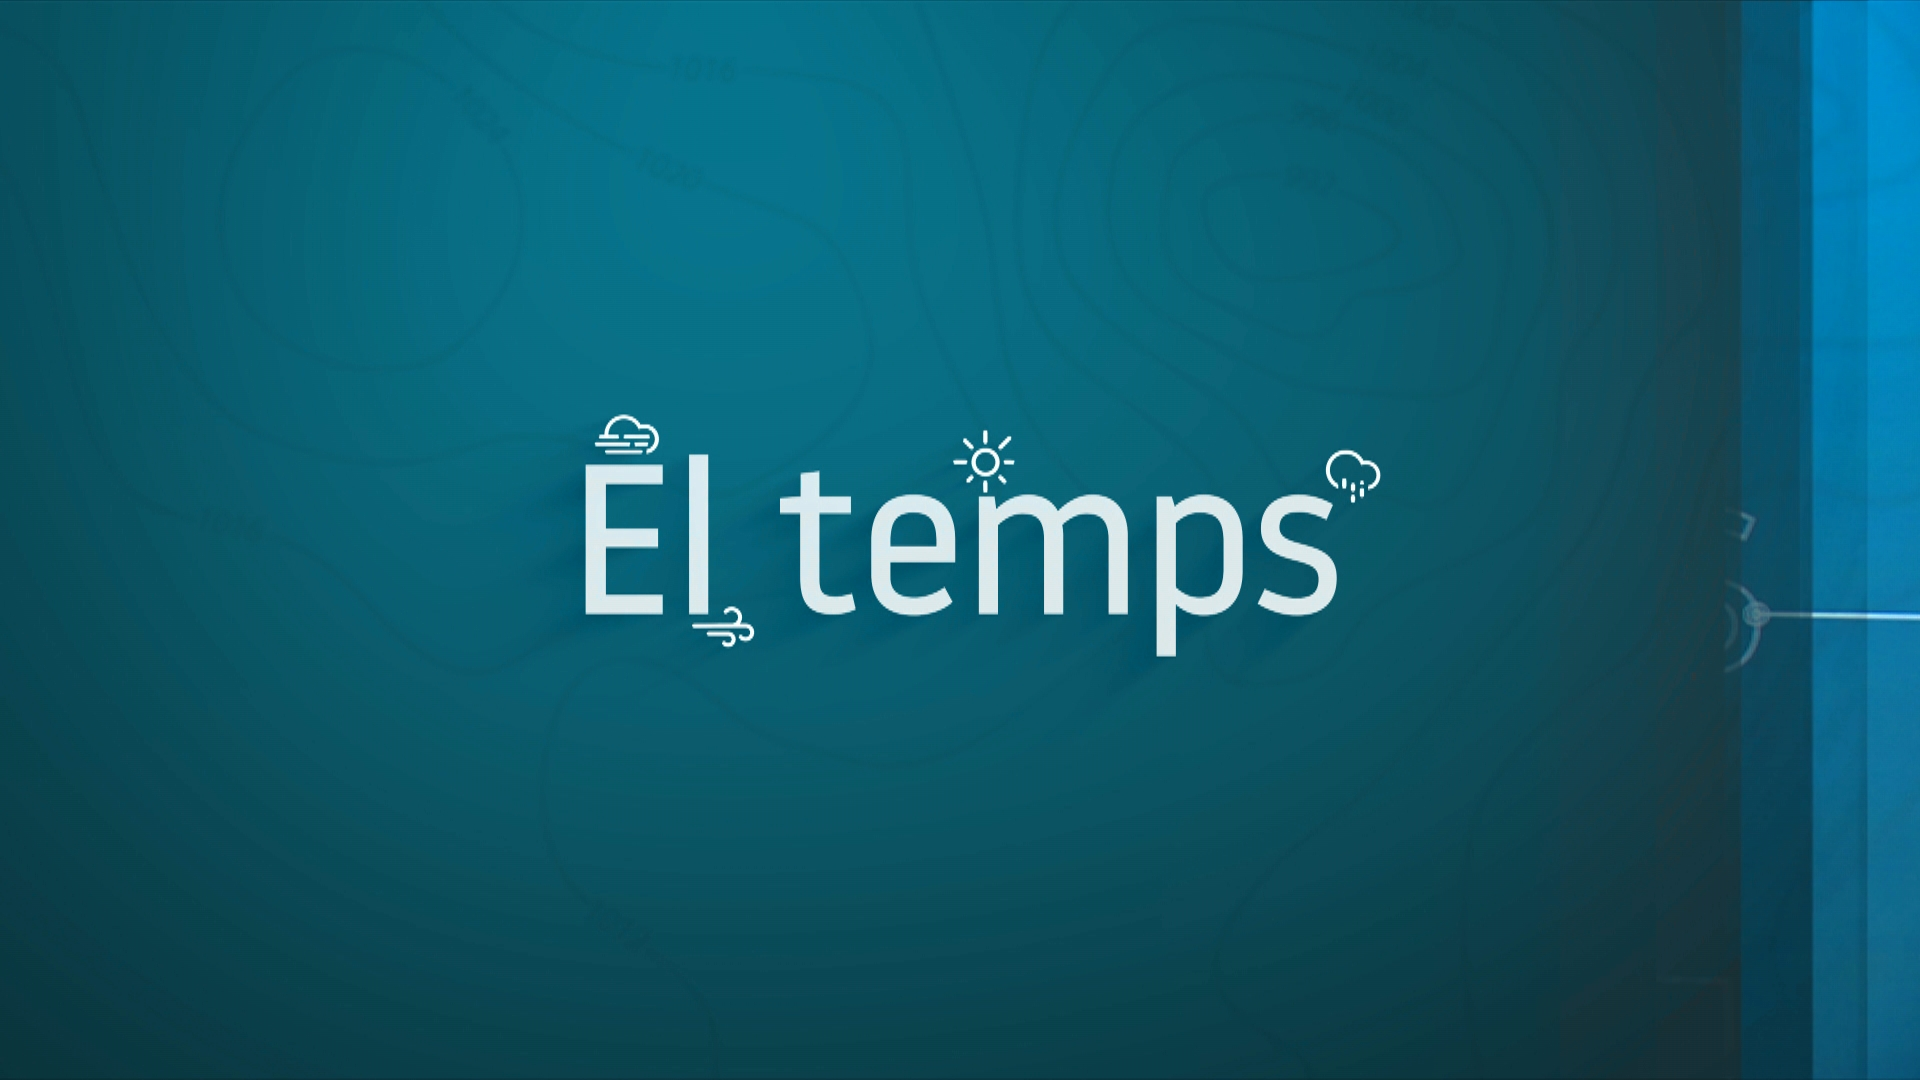 El+temps+Migidia+08-06-2021